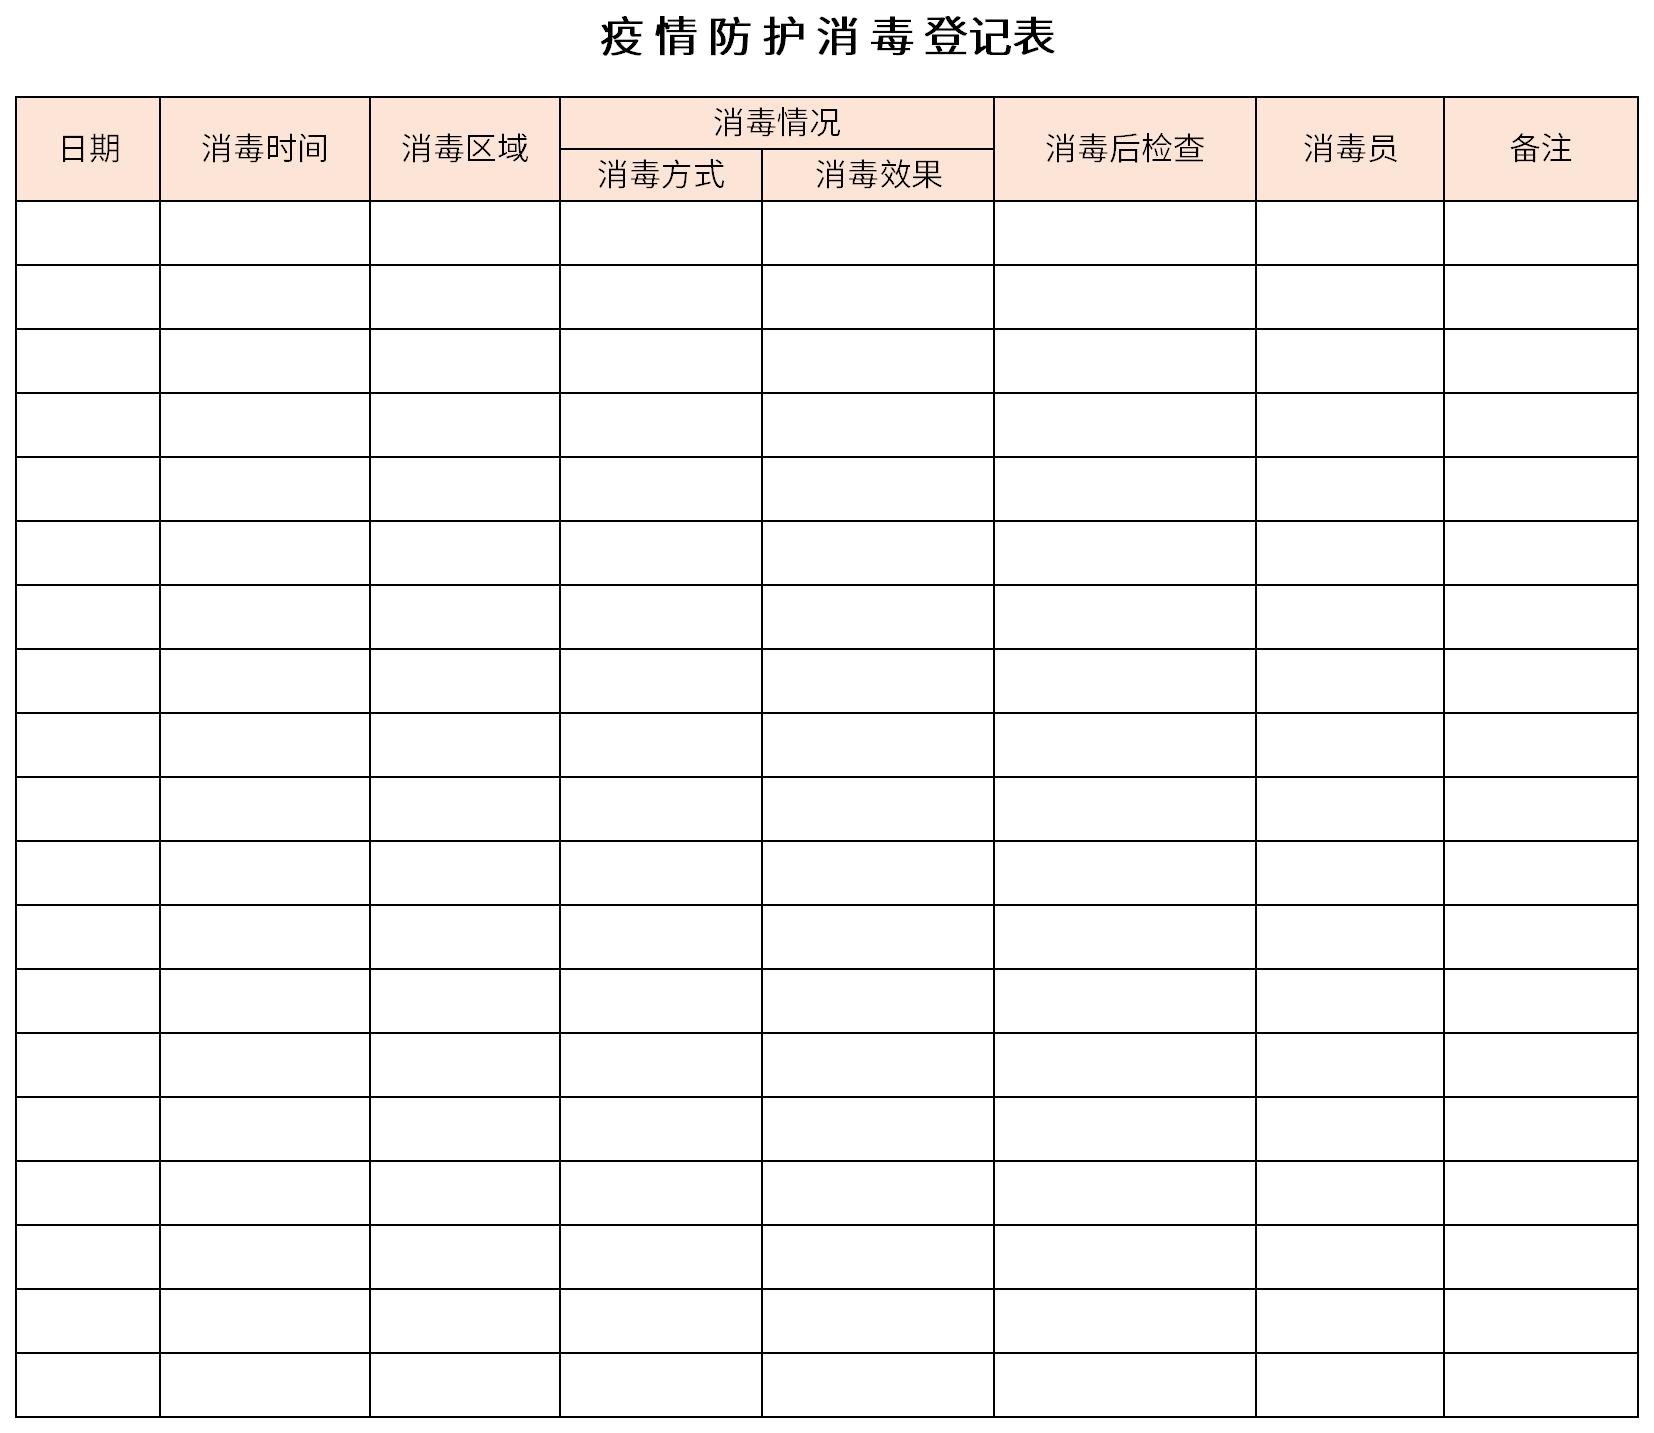 疫情防护消毒登记表截图